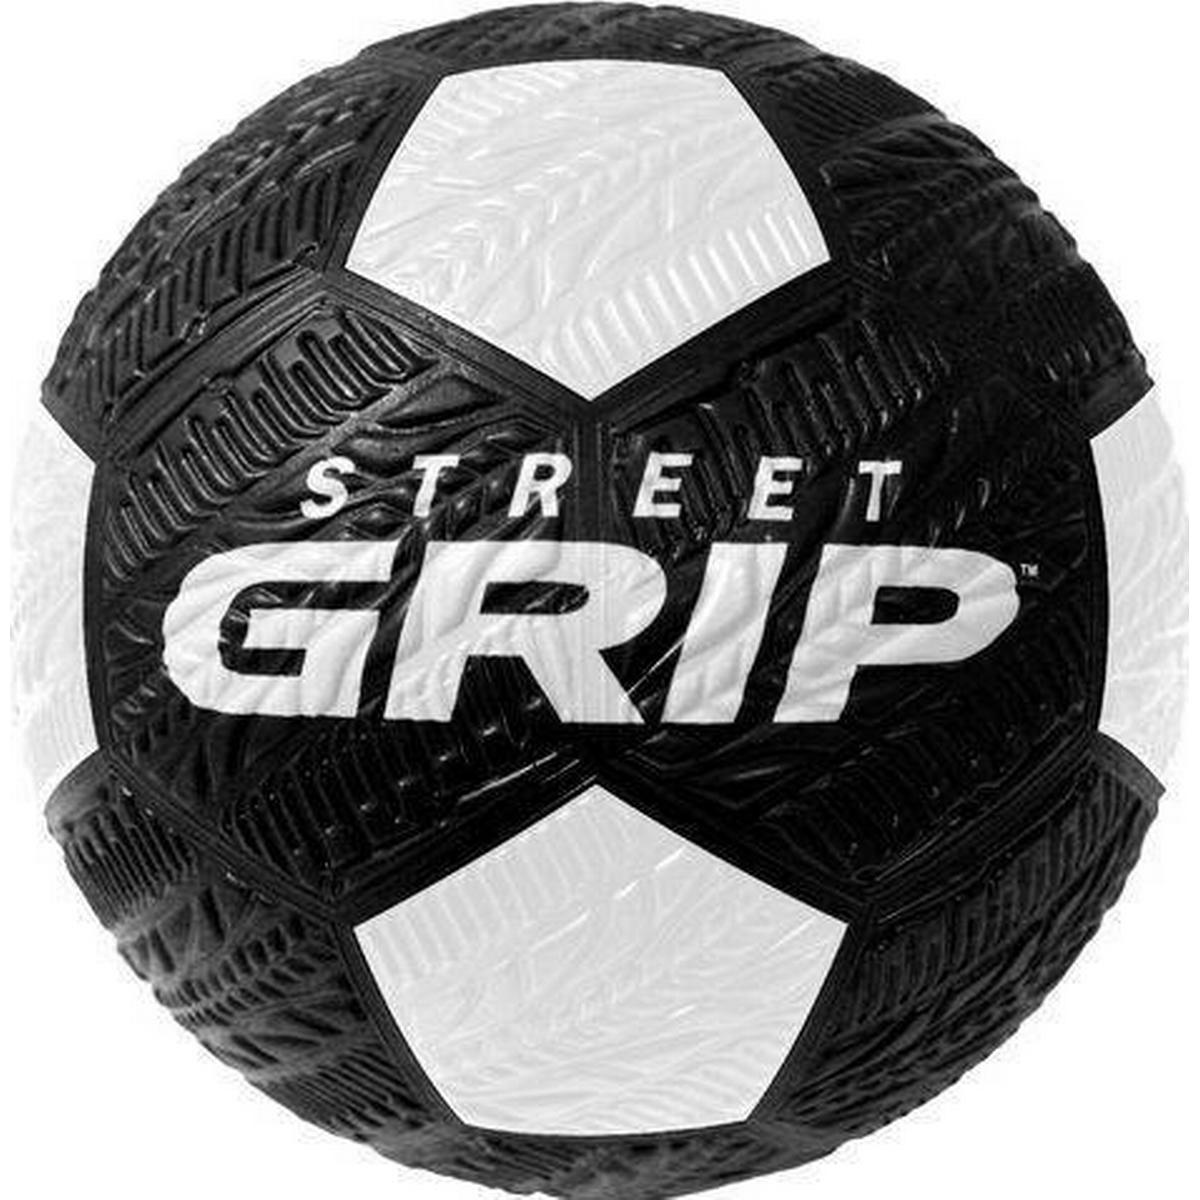 ad9afe2c4cb Street - Fotbollar - Jämför priser på PriceRunner